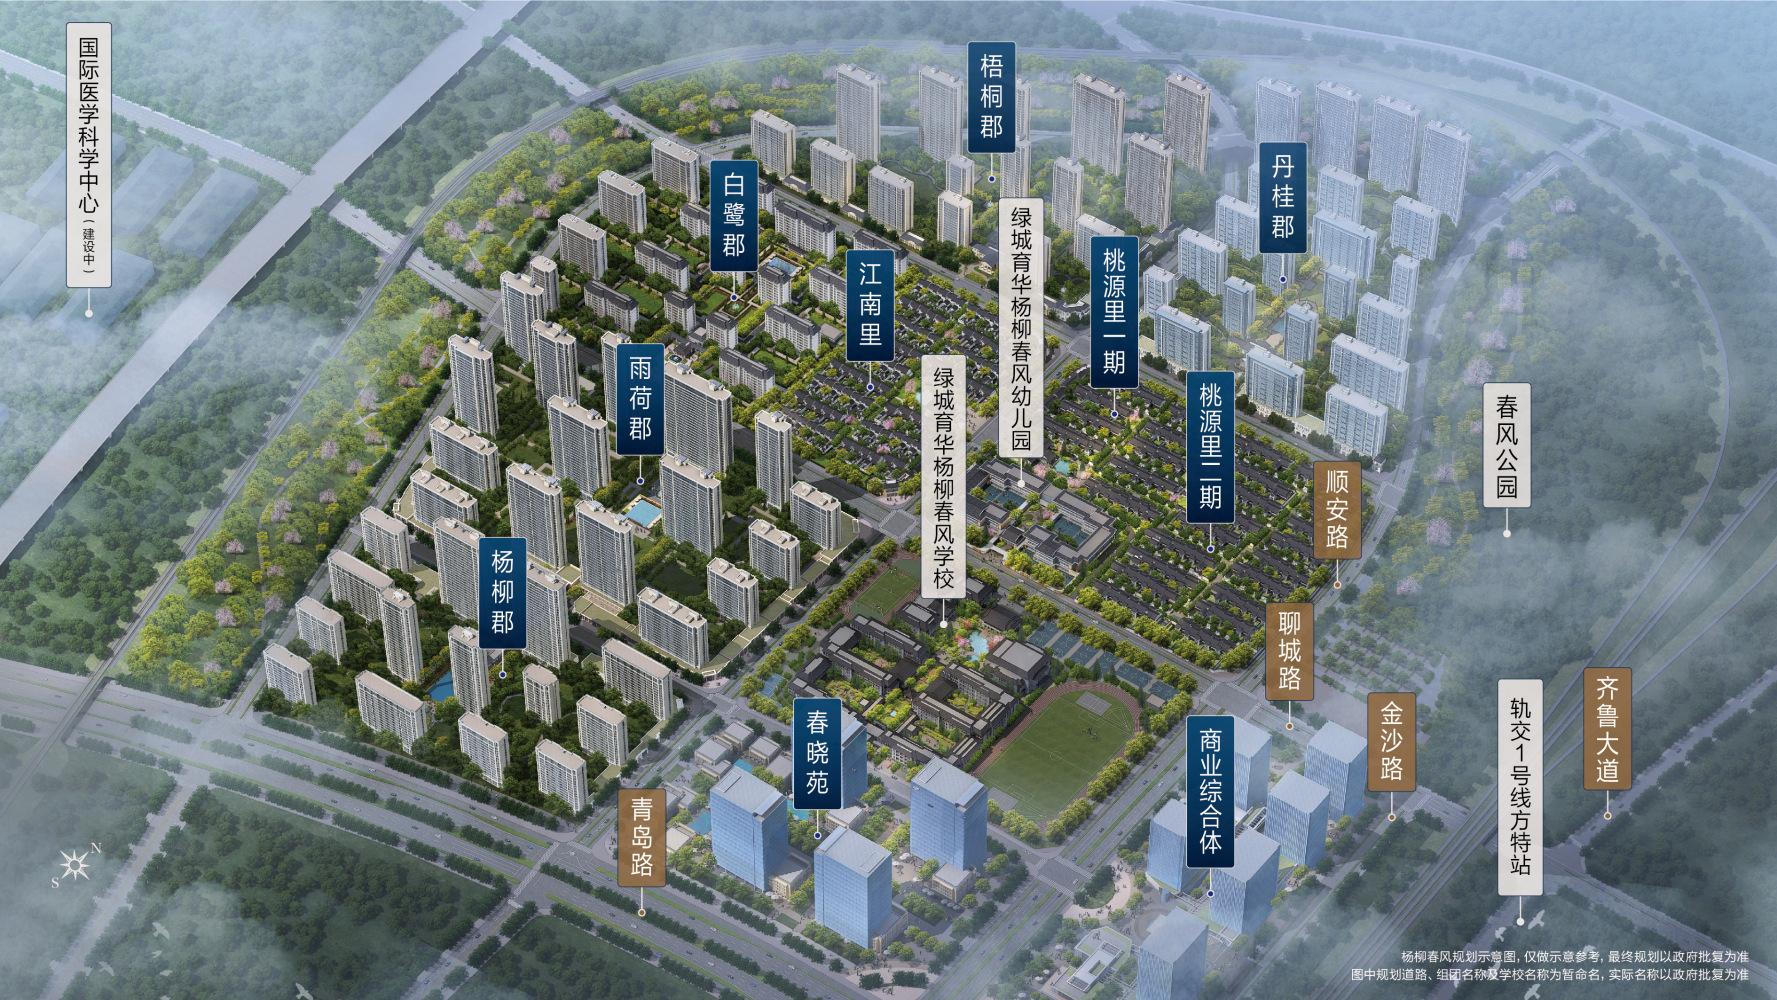 杨柳春风,民国风洋房豪华装修,绿城品质